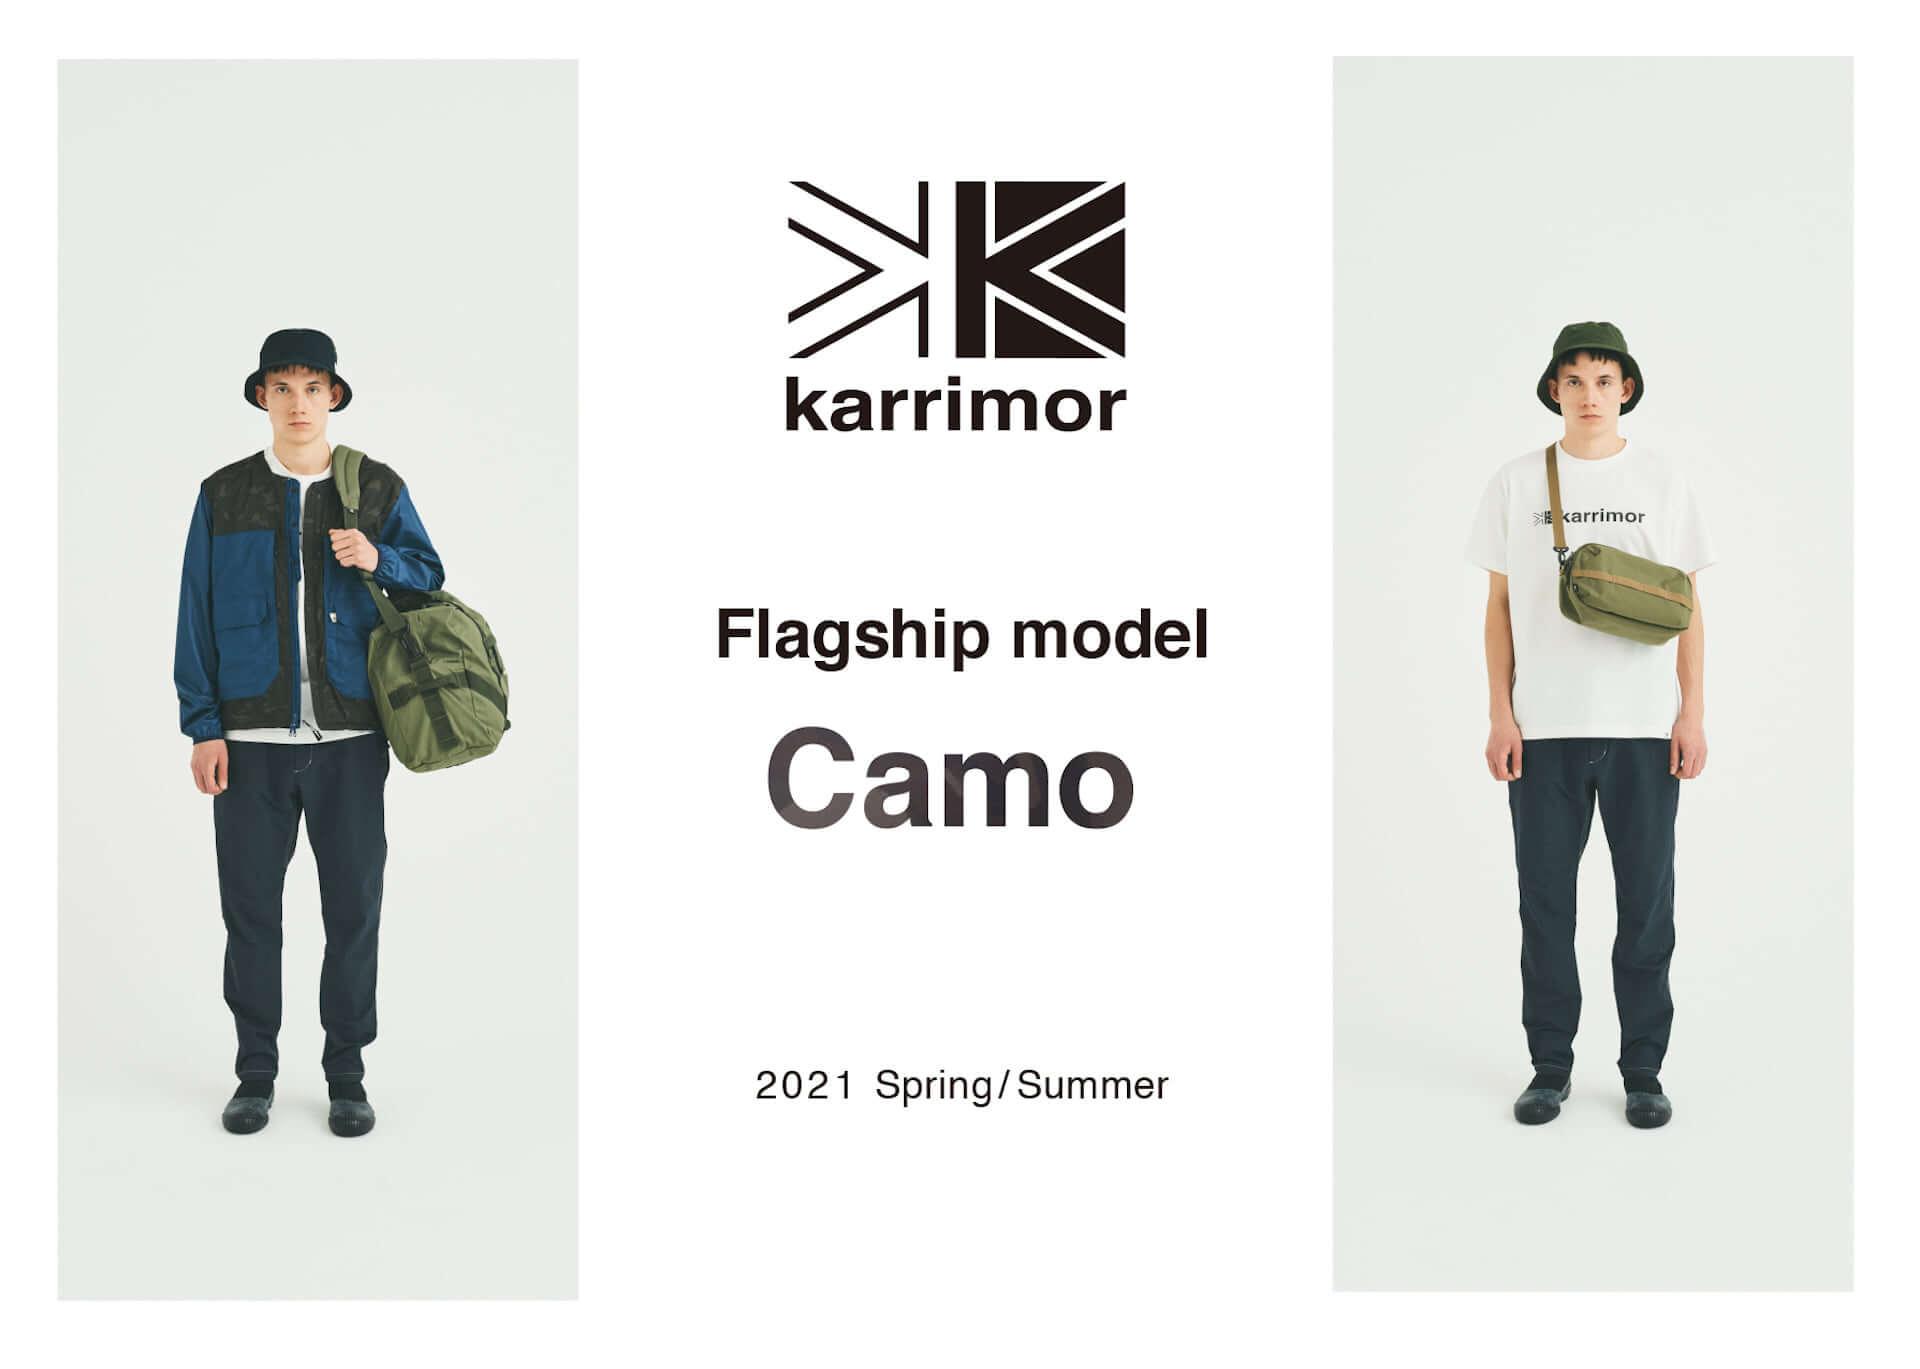 karrimor直営店限定のリバーシブルジャケット、Tシャツ、スタッフバッグが発売!2021年春夏コレクション「ADVENTURE」第1弾 lf210212_karrimor_5-1920x1369